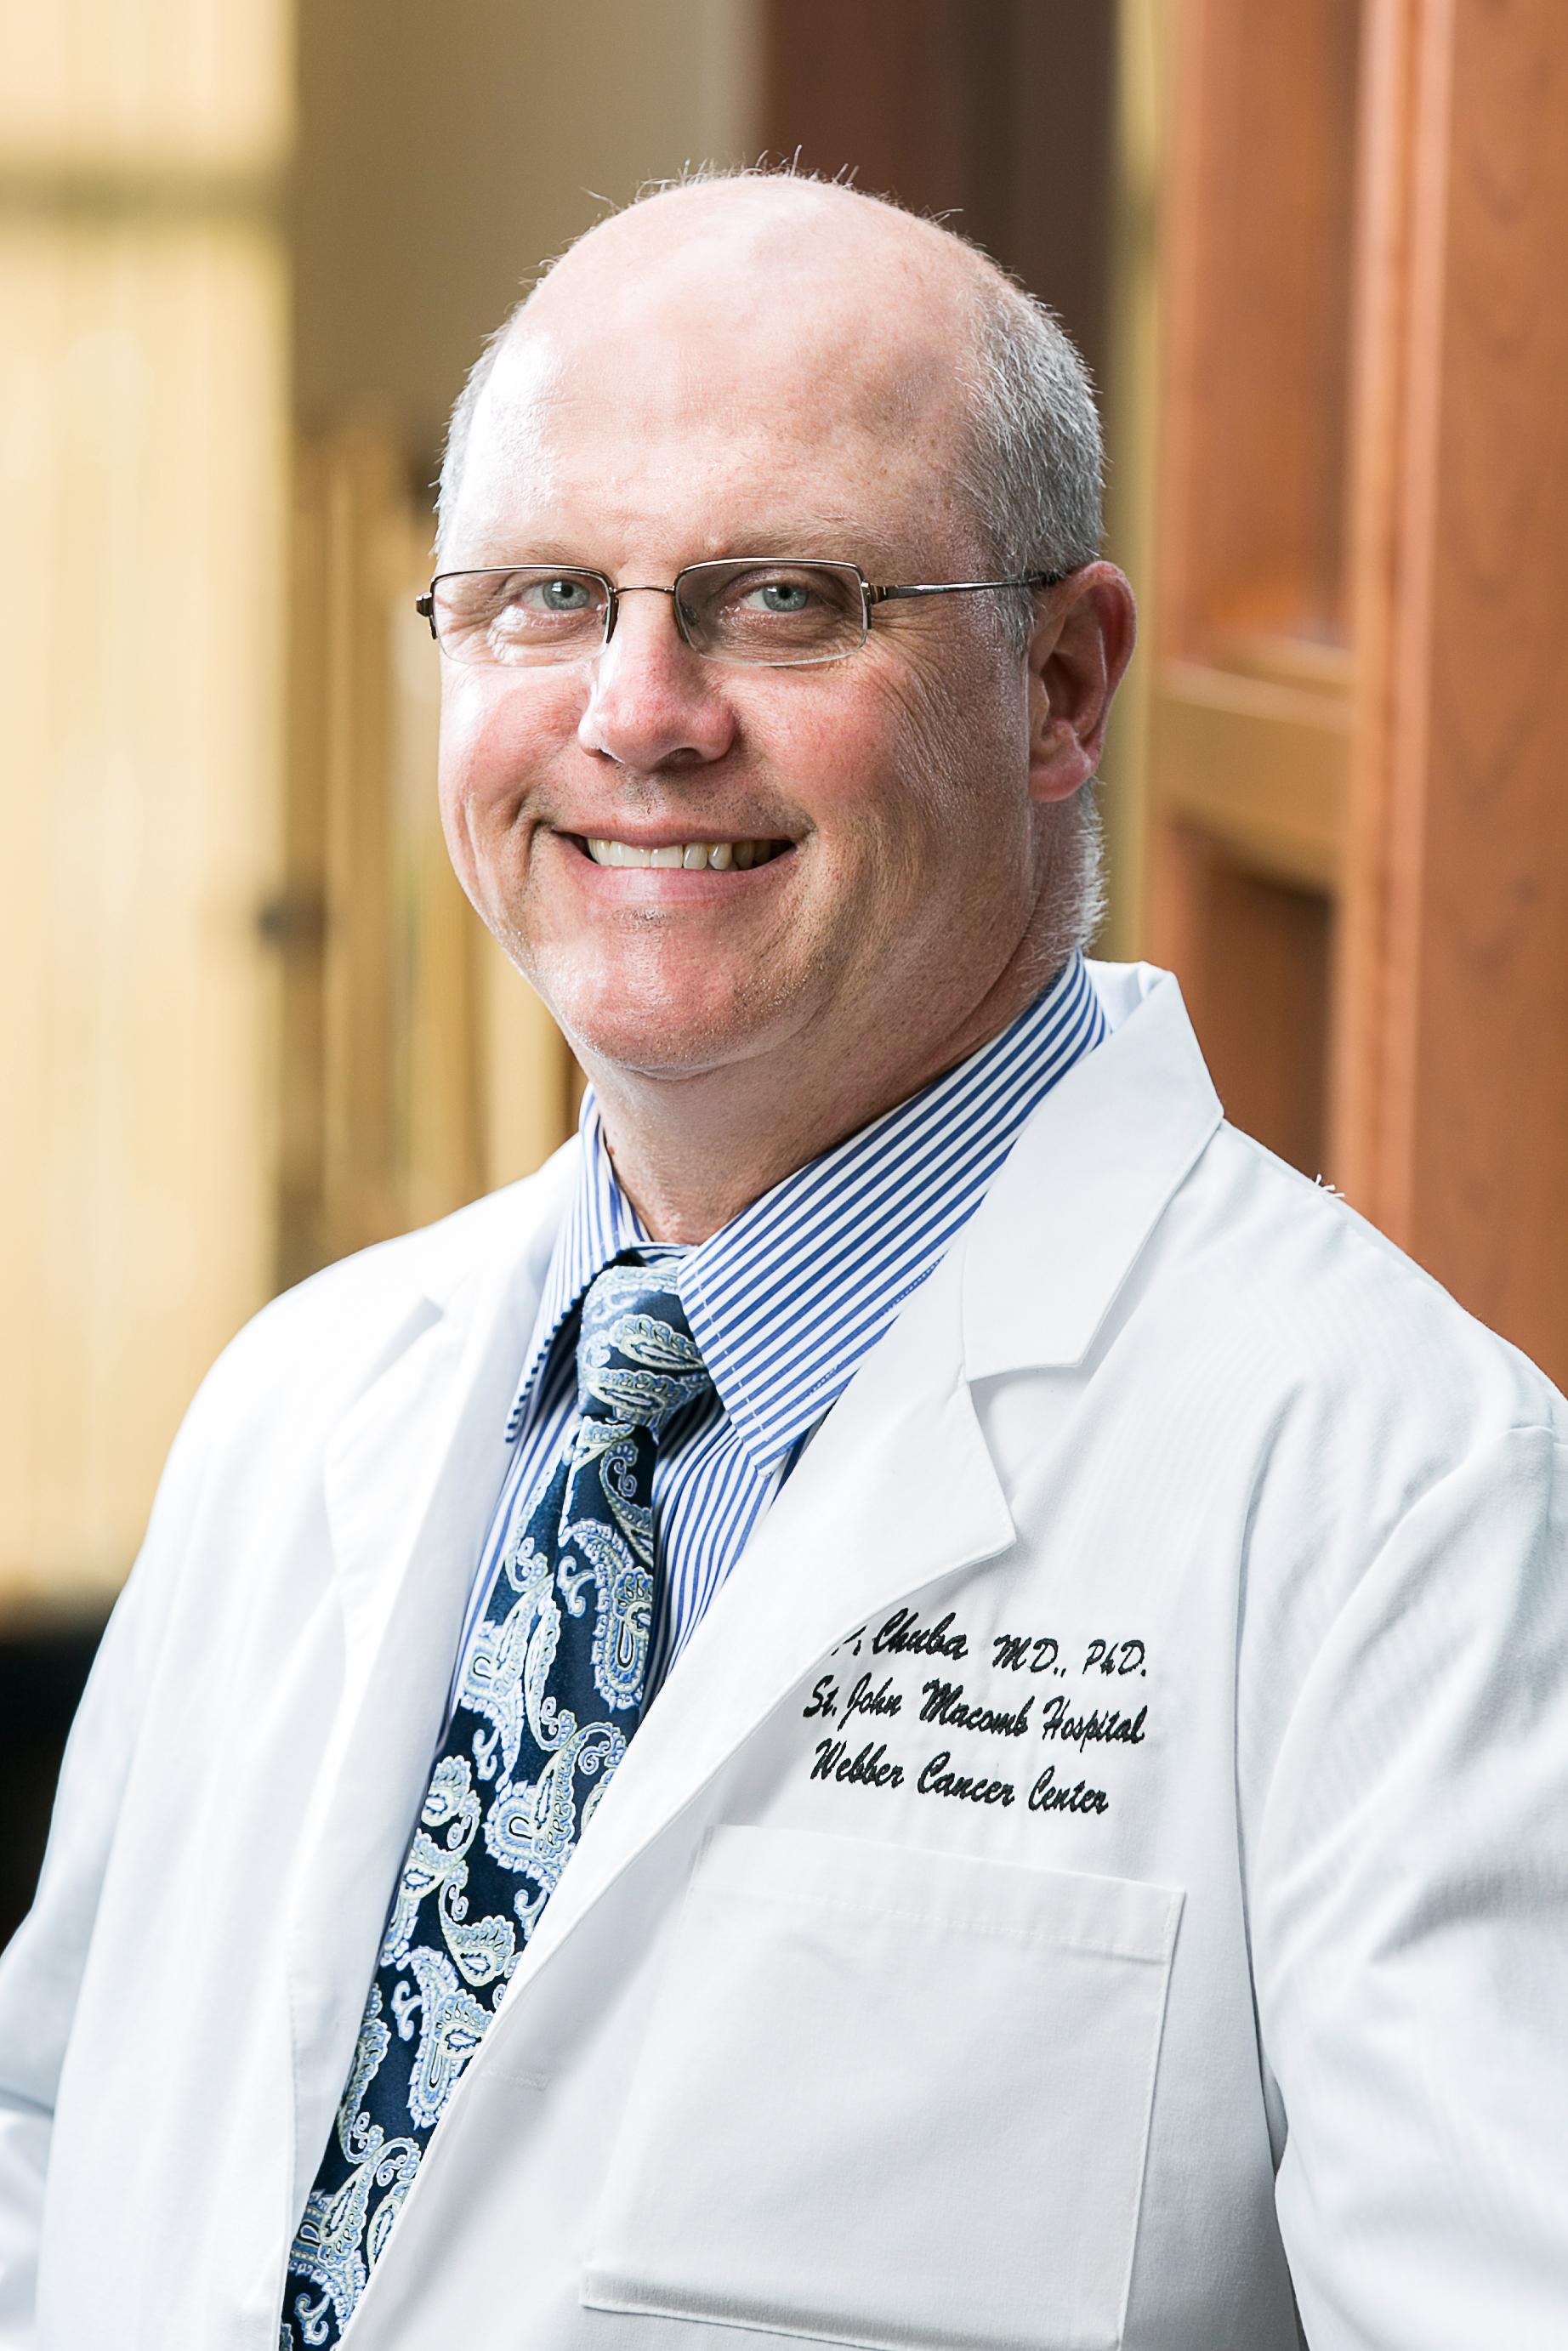 Paul J. Chuba, MD